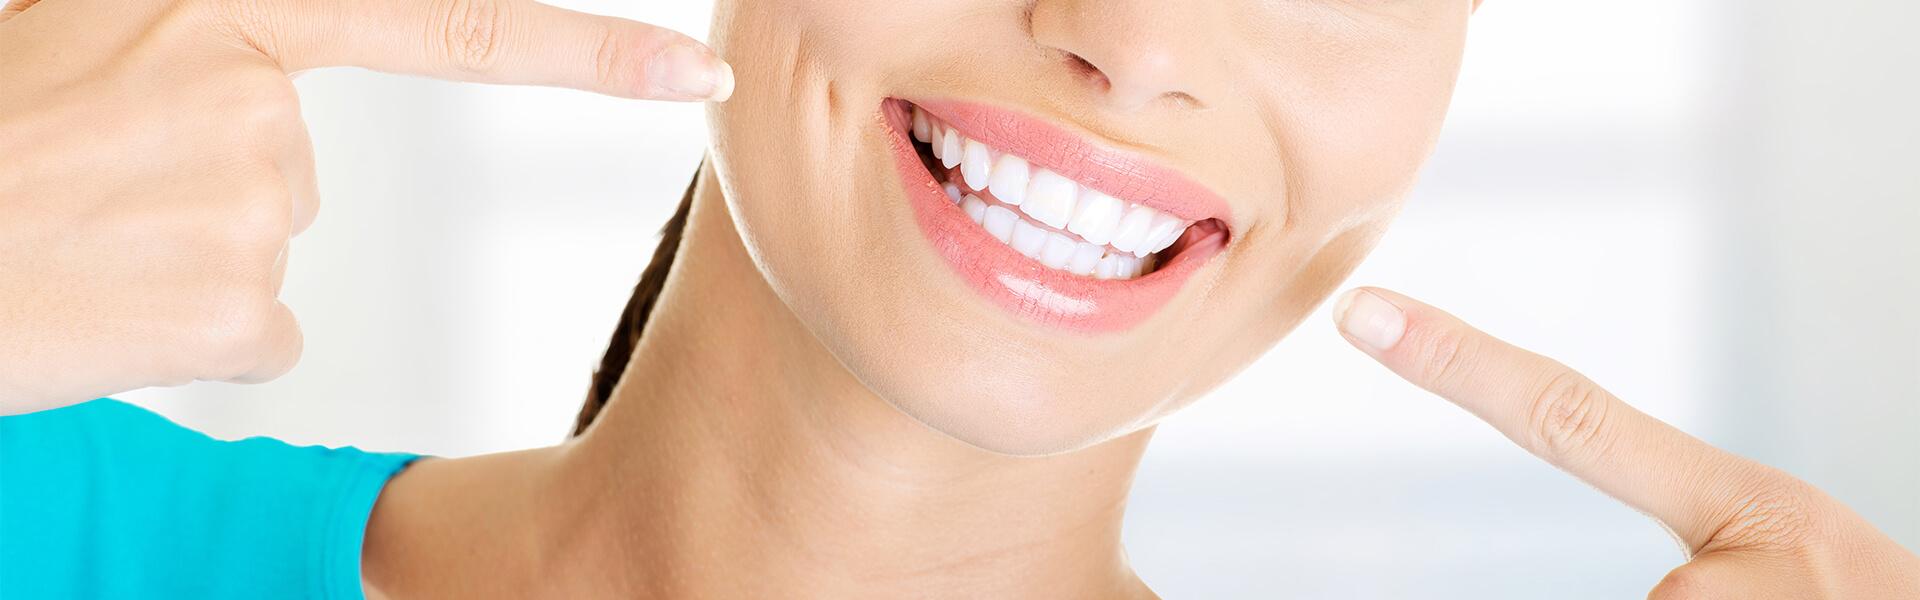 Esthetic Dental Bonding in Houston